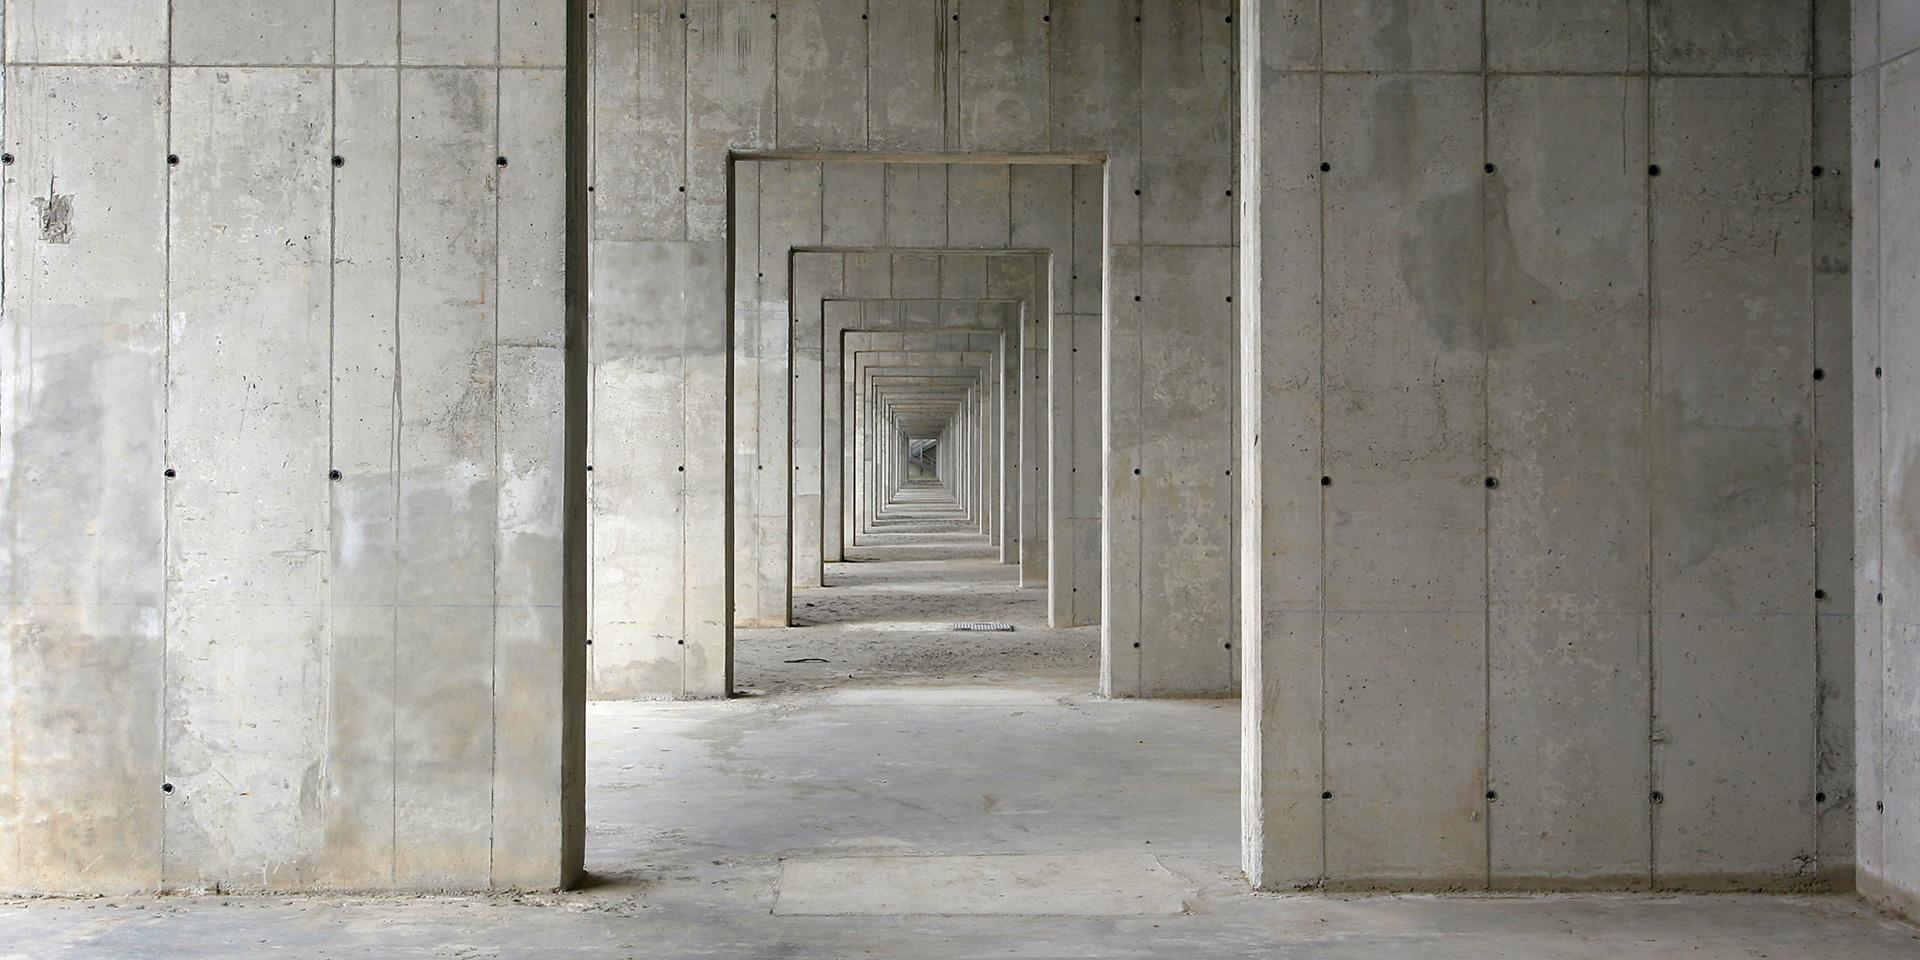 TEC – Terminal idroviario dell'Emilia Centrale, Binini Partners, Società di architettura e ingegneria